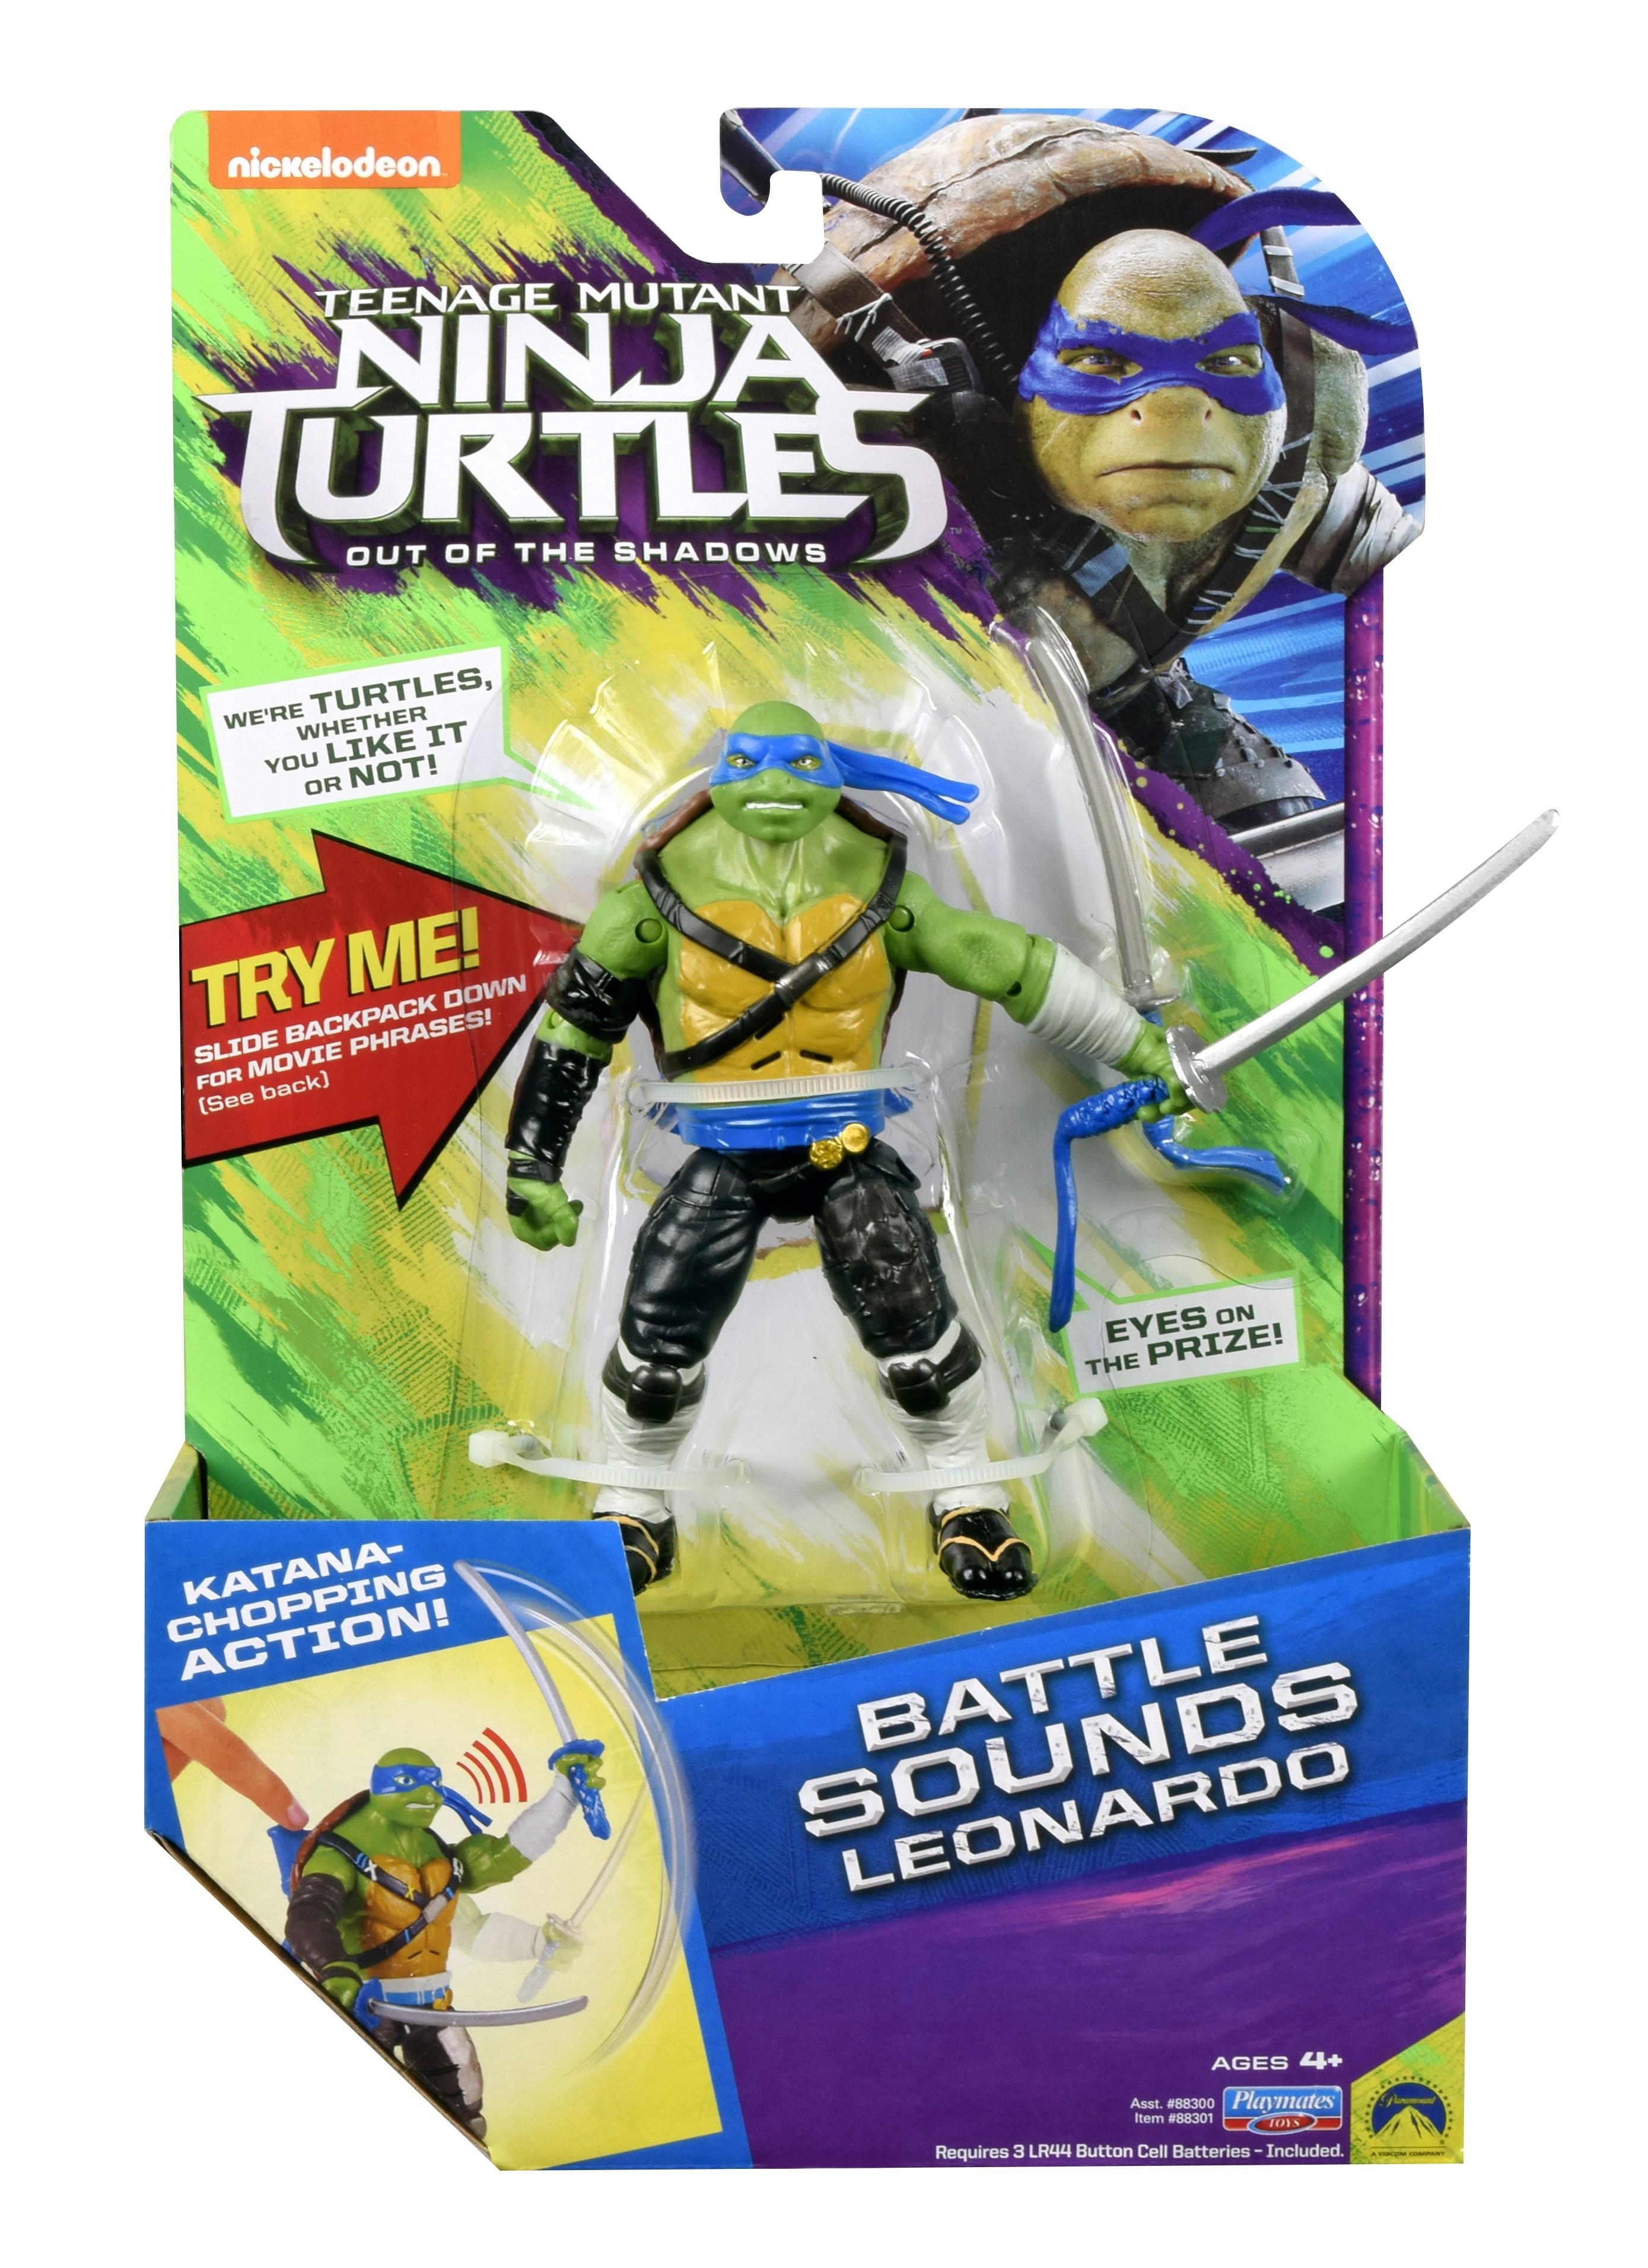 Черепашки Ниндзя Черепашки Ниндзя серия Movie Line 2016 игровые наборы turtles мотодельтаплан черепашки ниндзя без фигурки